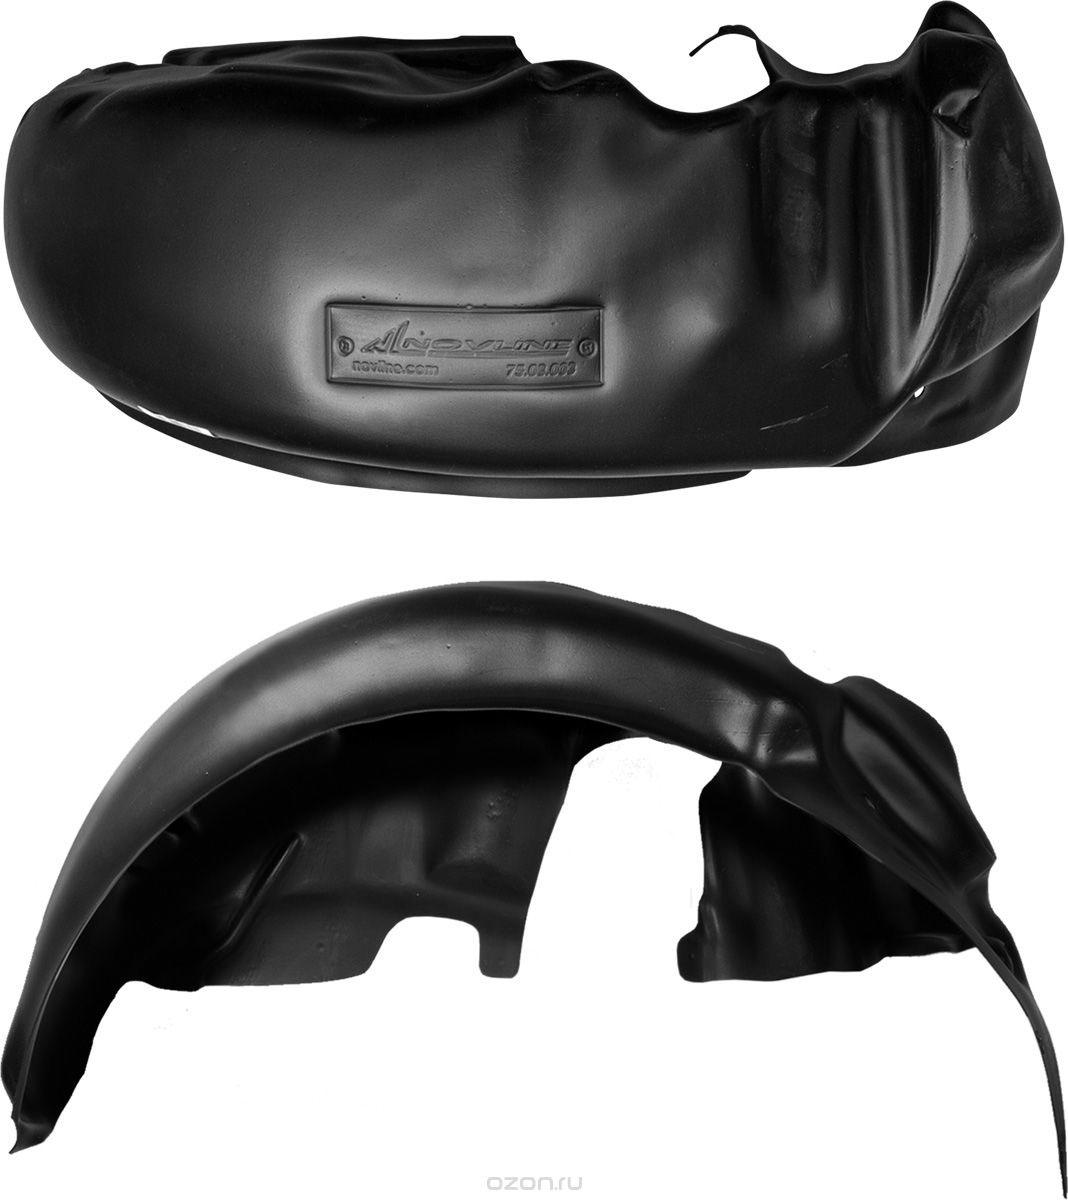 Подкрылок Novline-Autofamily, для RENAULT Sandero Stepway, 11/2014->, хб., передний левыйNLL.41.36.001Идеальная защита колесной ниши. Локеры разработаны с применением цифровых технологий, гарантируют максимальную повторяемость поверхности арки. Изделия устанавливаются без нарушения лакокрасочного покрытия автомобиля, каждый подкрылок комплектуется крепежом. Уважаемые клиенты, обращаем ваше внимание, что фотографии на подкрылки универсальные и не отражают реальную форму изделия. При этом само изделие идет точно под размер указанного автомобиля.